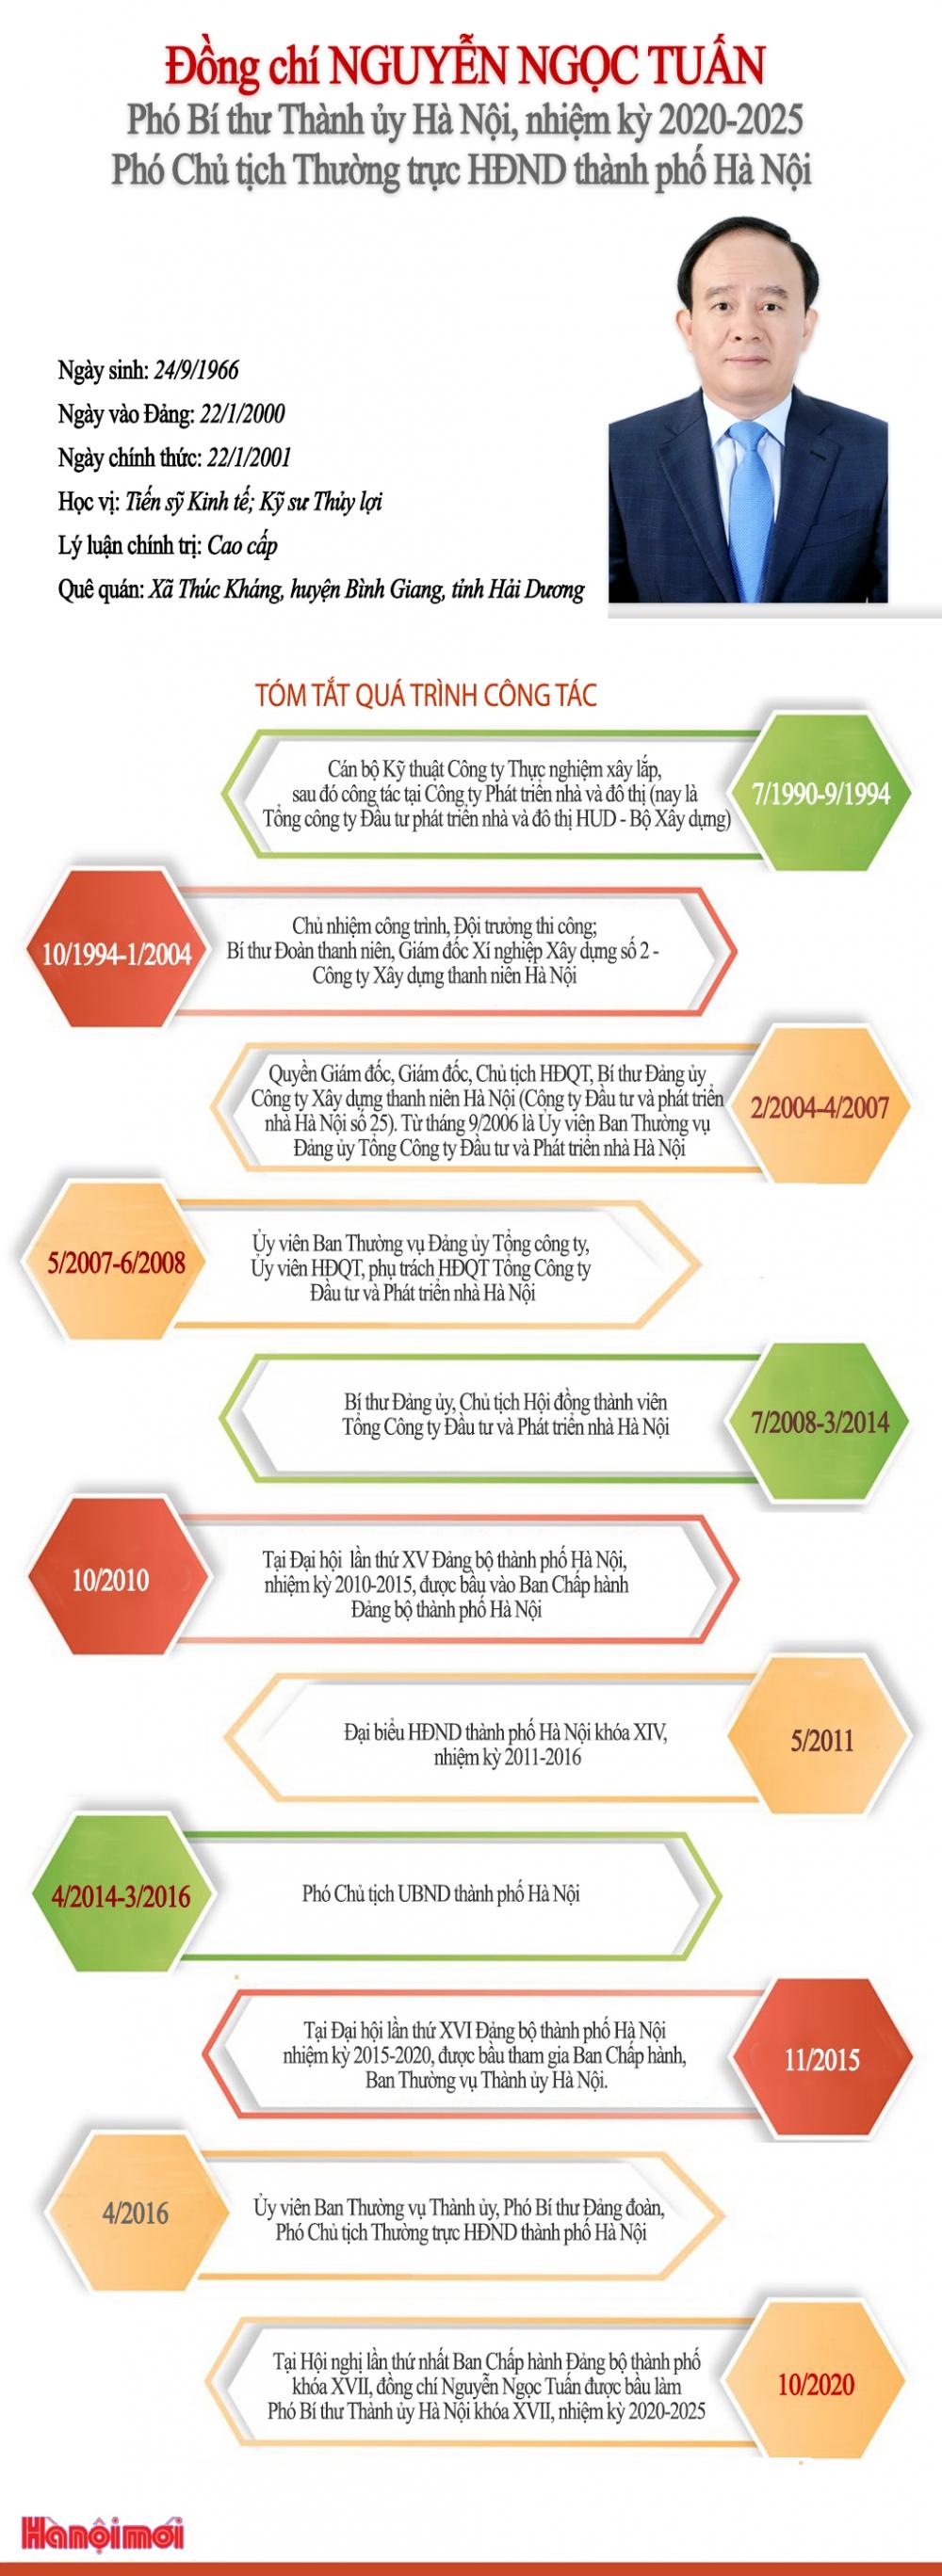 Tóm tắt quá trình công tác của Phó Bí thư Thành ủy Hà Nội Nguyễn Ngọc Tuấn